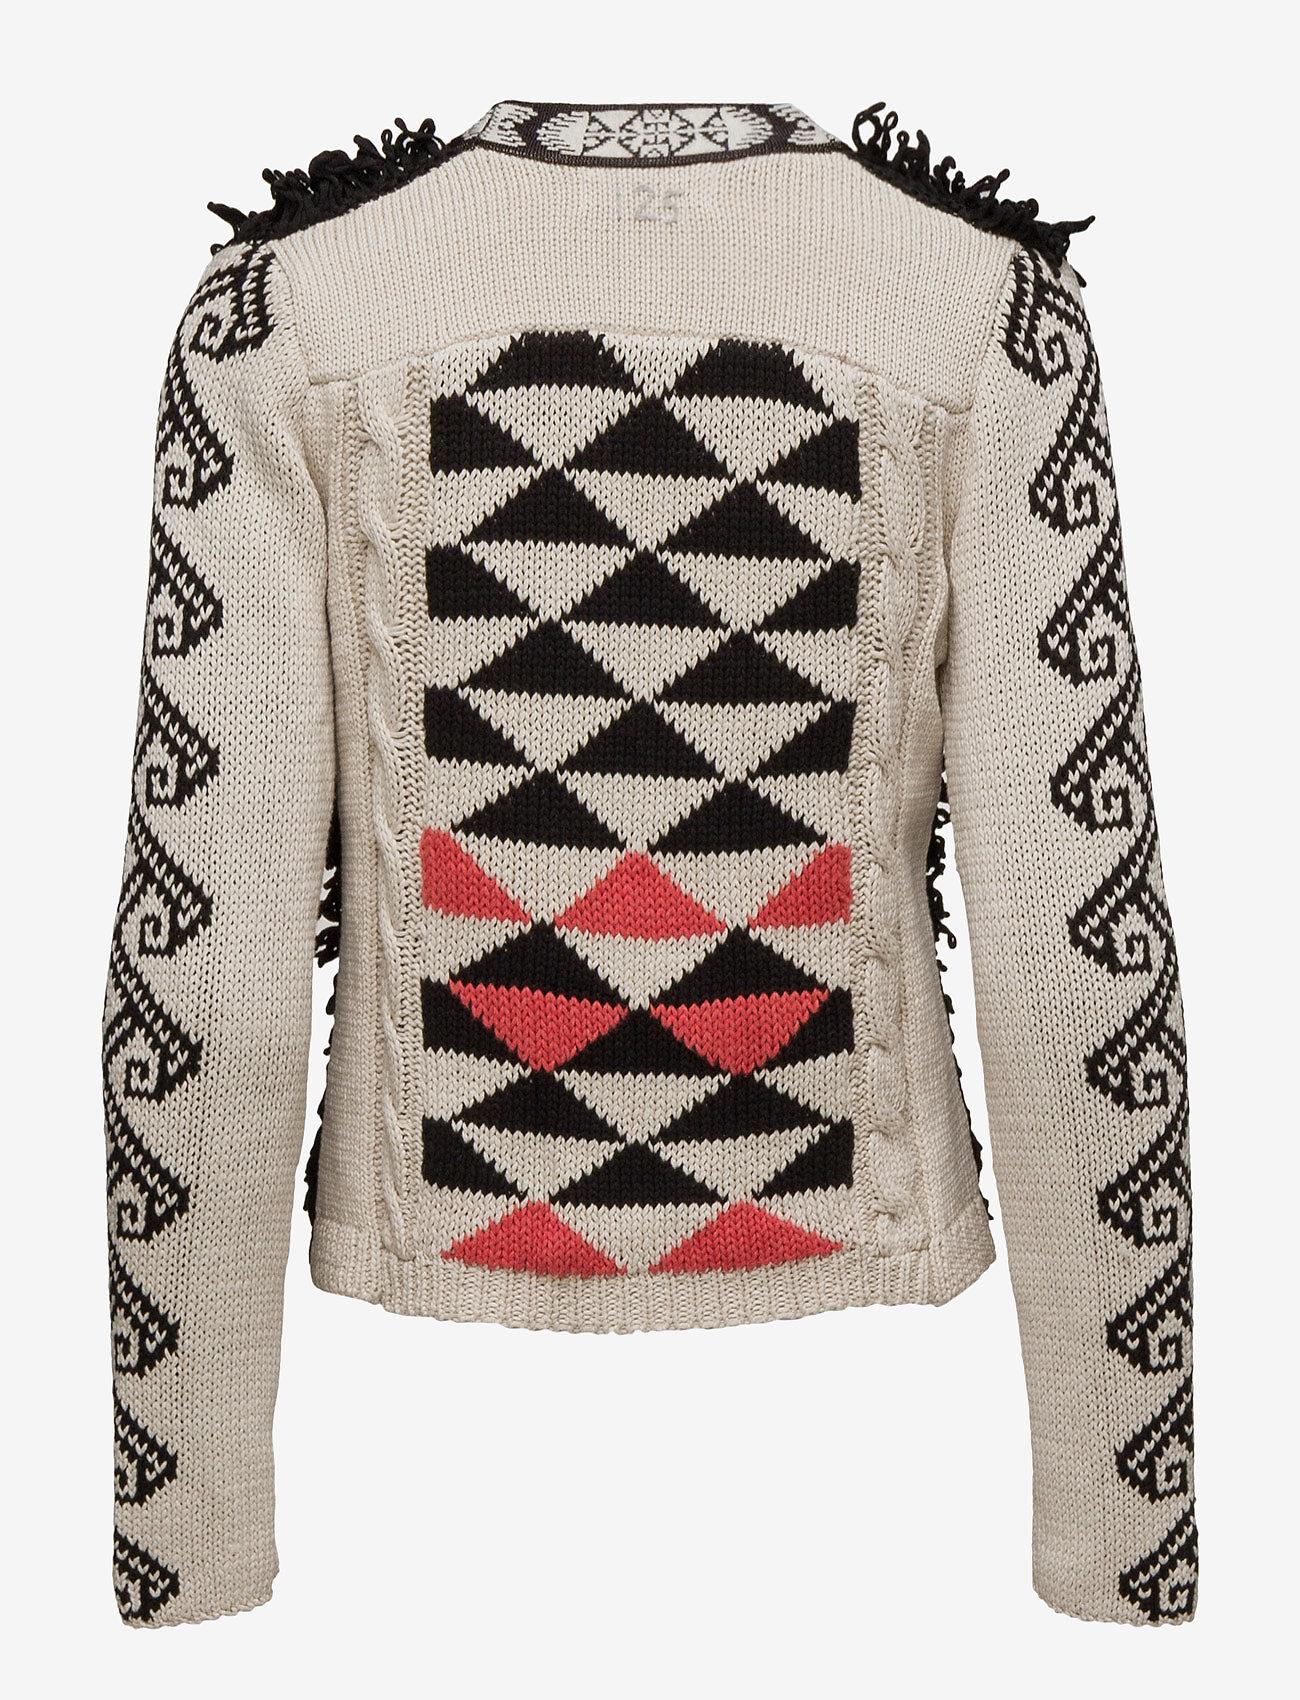 Odd Molly Gaucho Cardigan - Knitwear